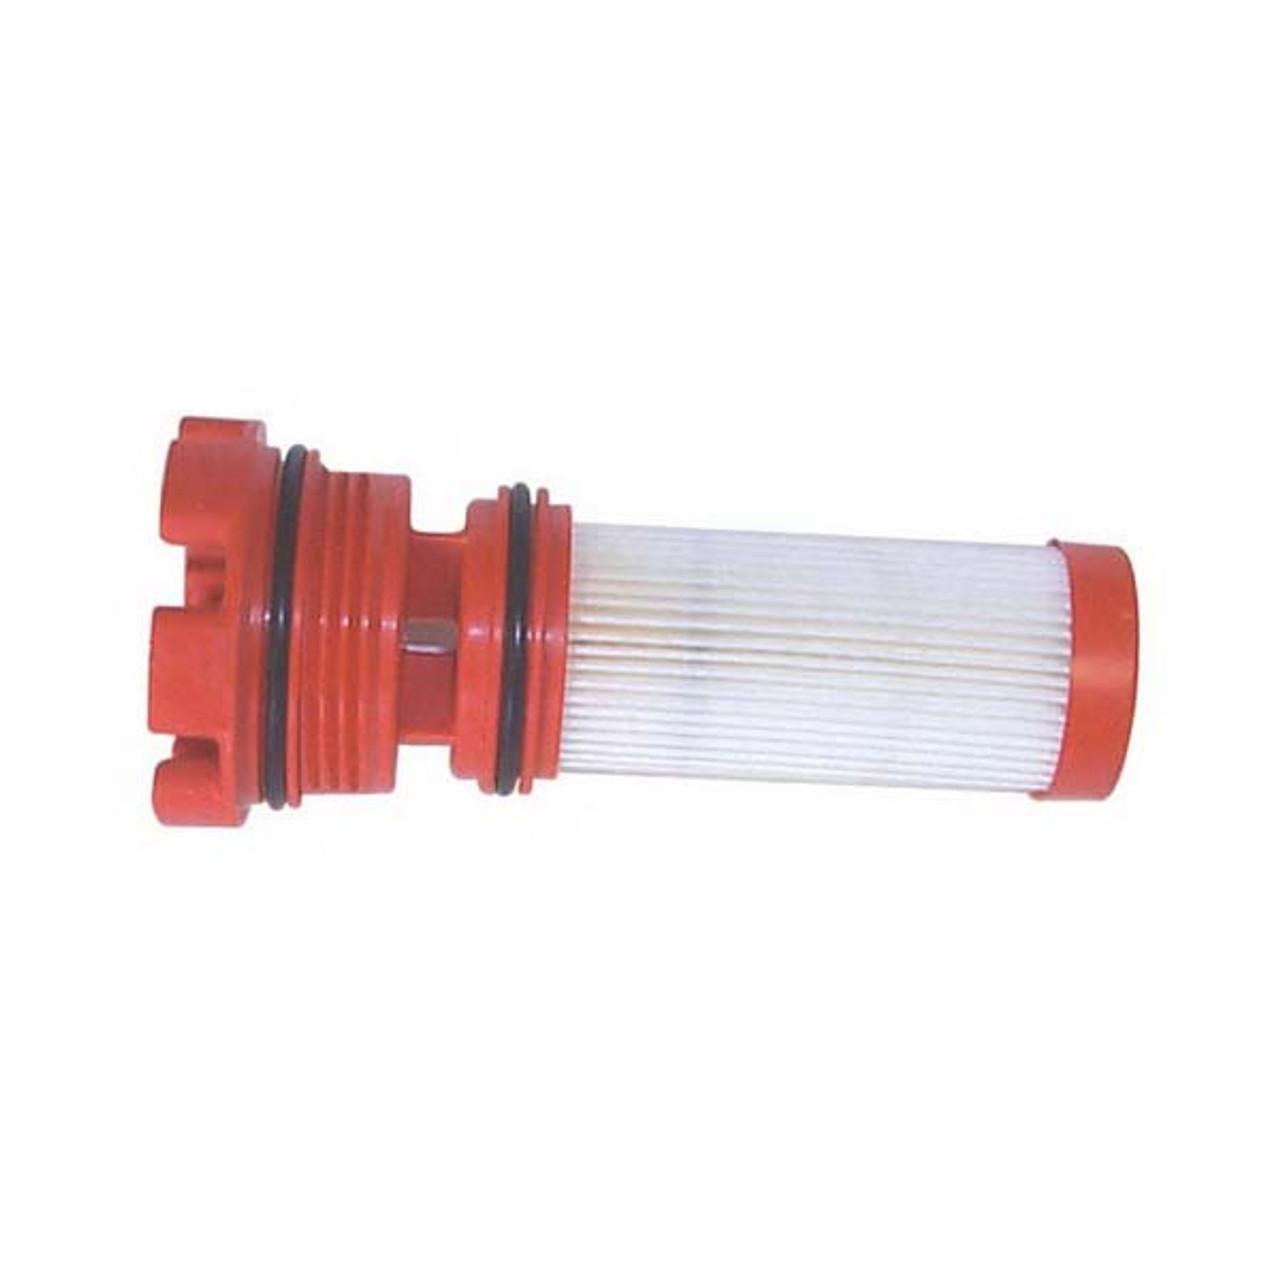 medium resolution of outboard fuel filter